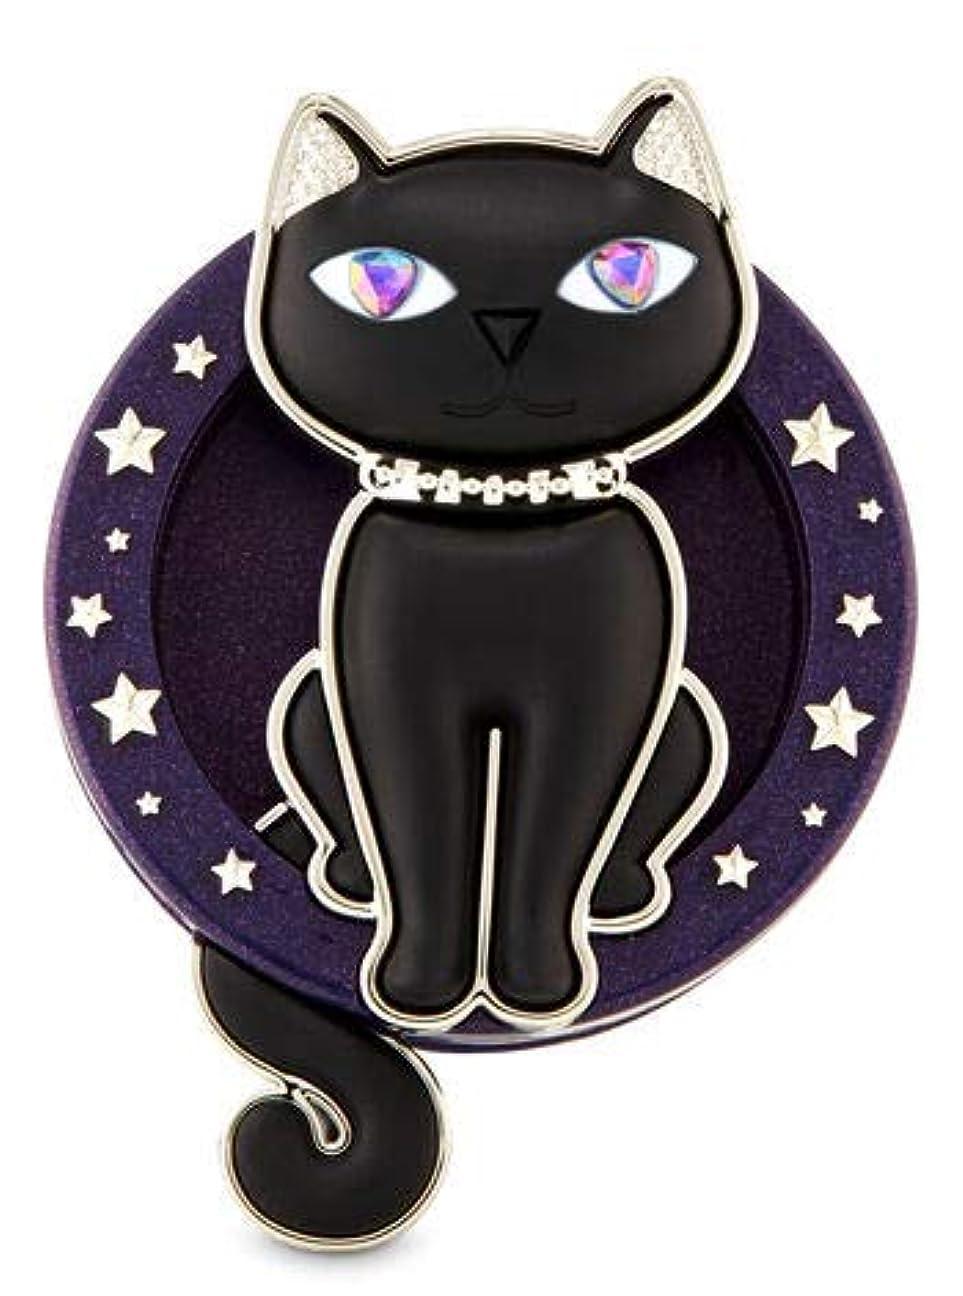 恵み結果主権者【Bath&Body Works/バス&ボディワークス】 クリップ式芳香剤 セントポータブル ホルダー (本体ケースのみ) グラマラスキティー キャット ネコ Scentportable Holder Glamourous Kitty [並行輸入品]